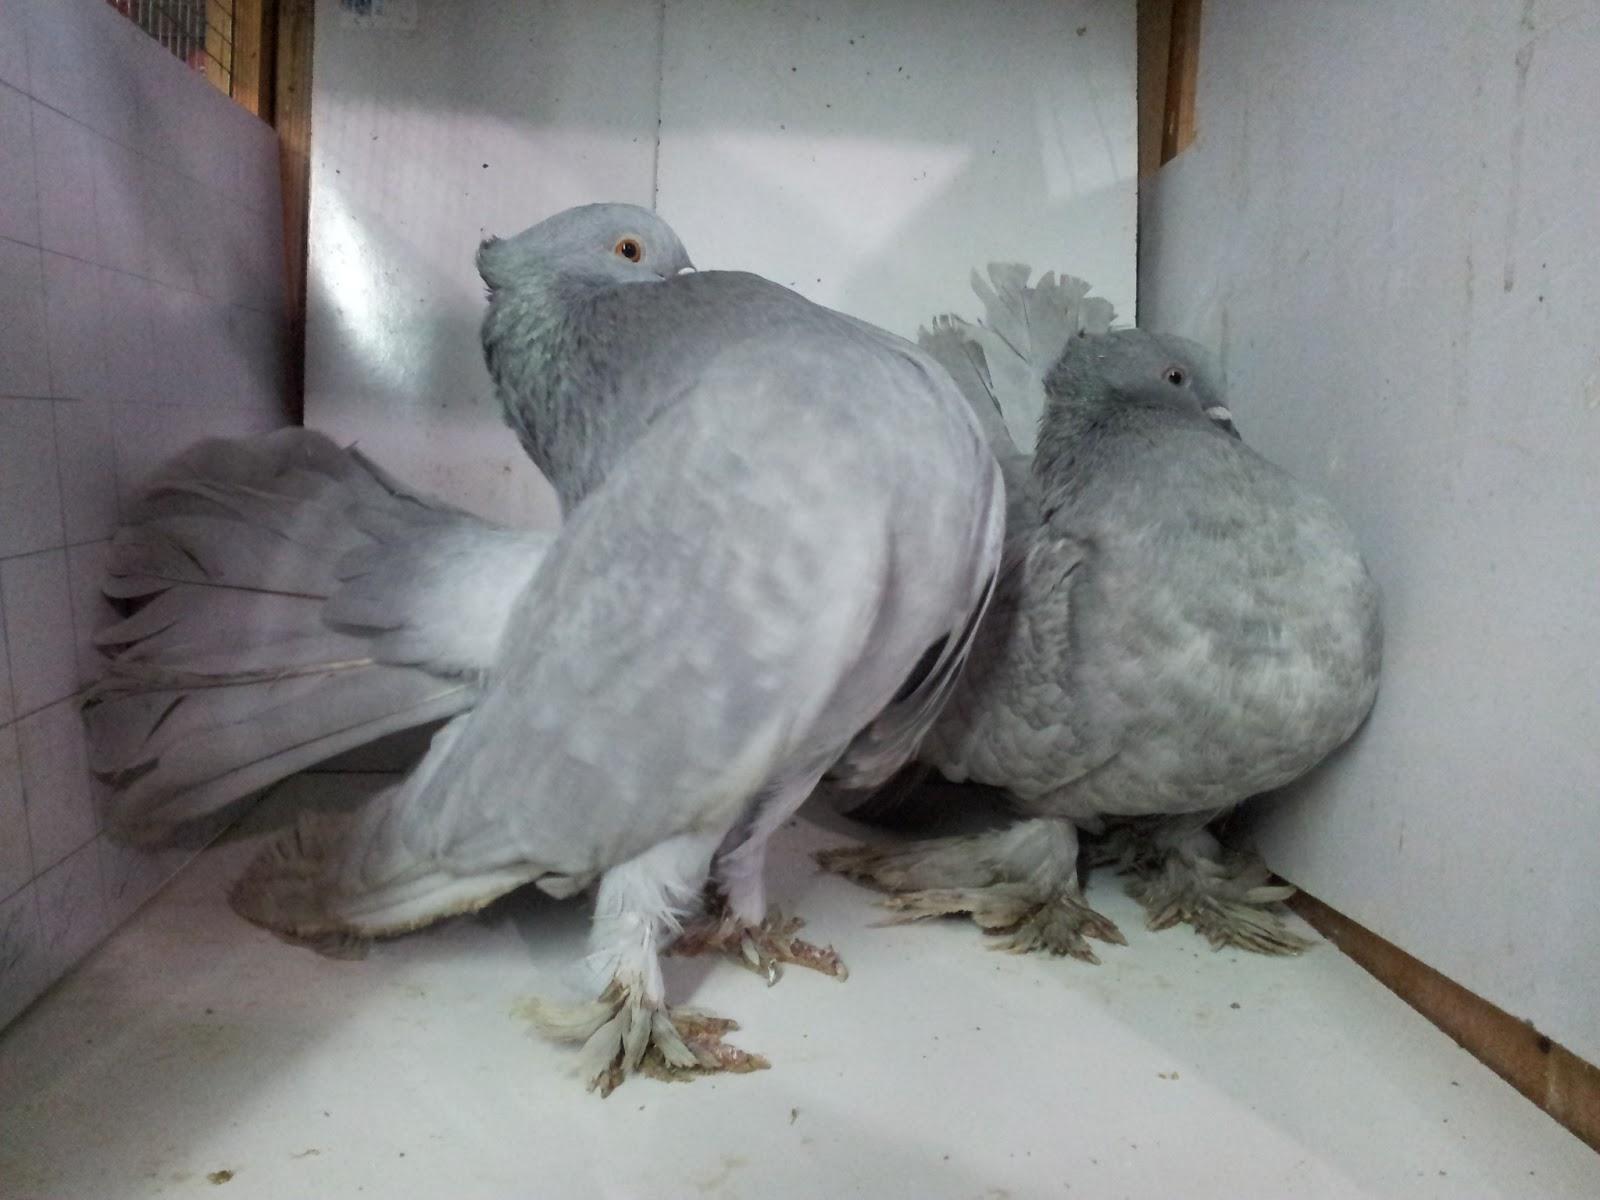 صور حمام طيور جميلة اجمل خلفيات طيور جارحة طيور جميلة 8